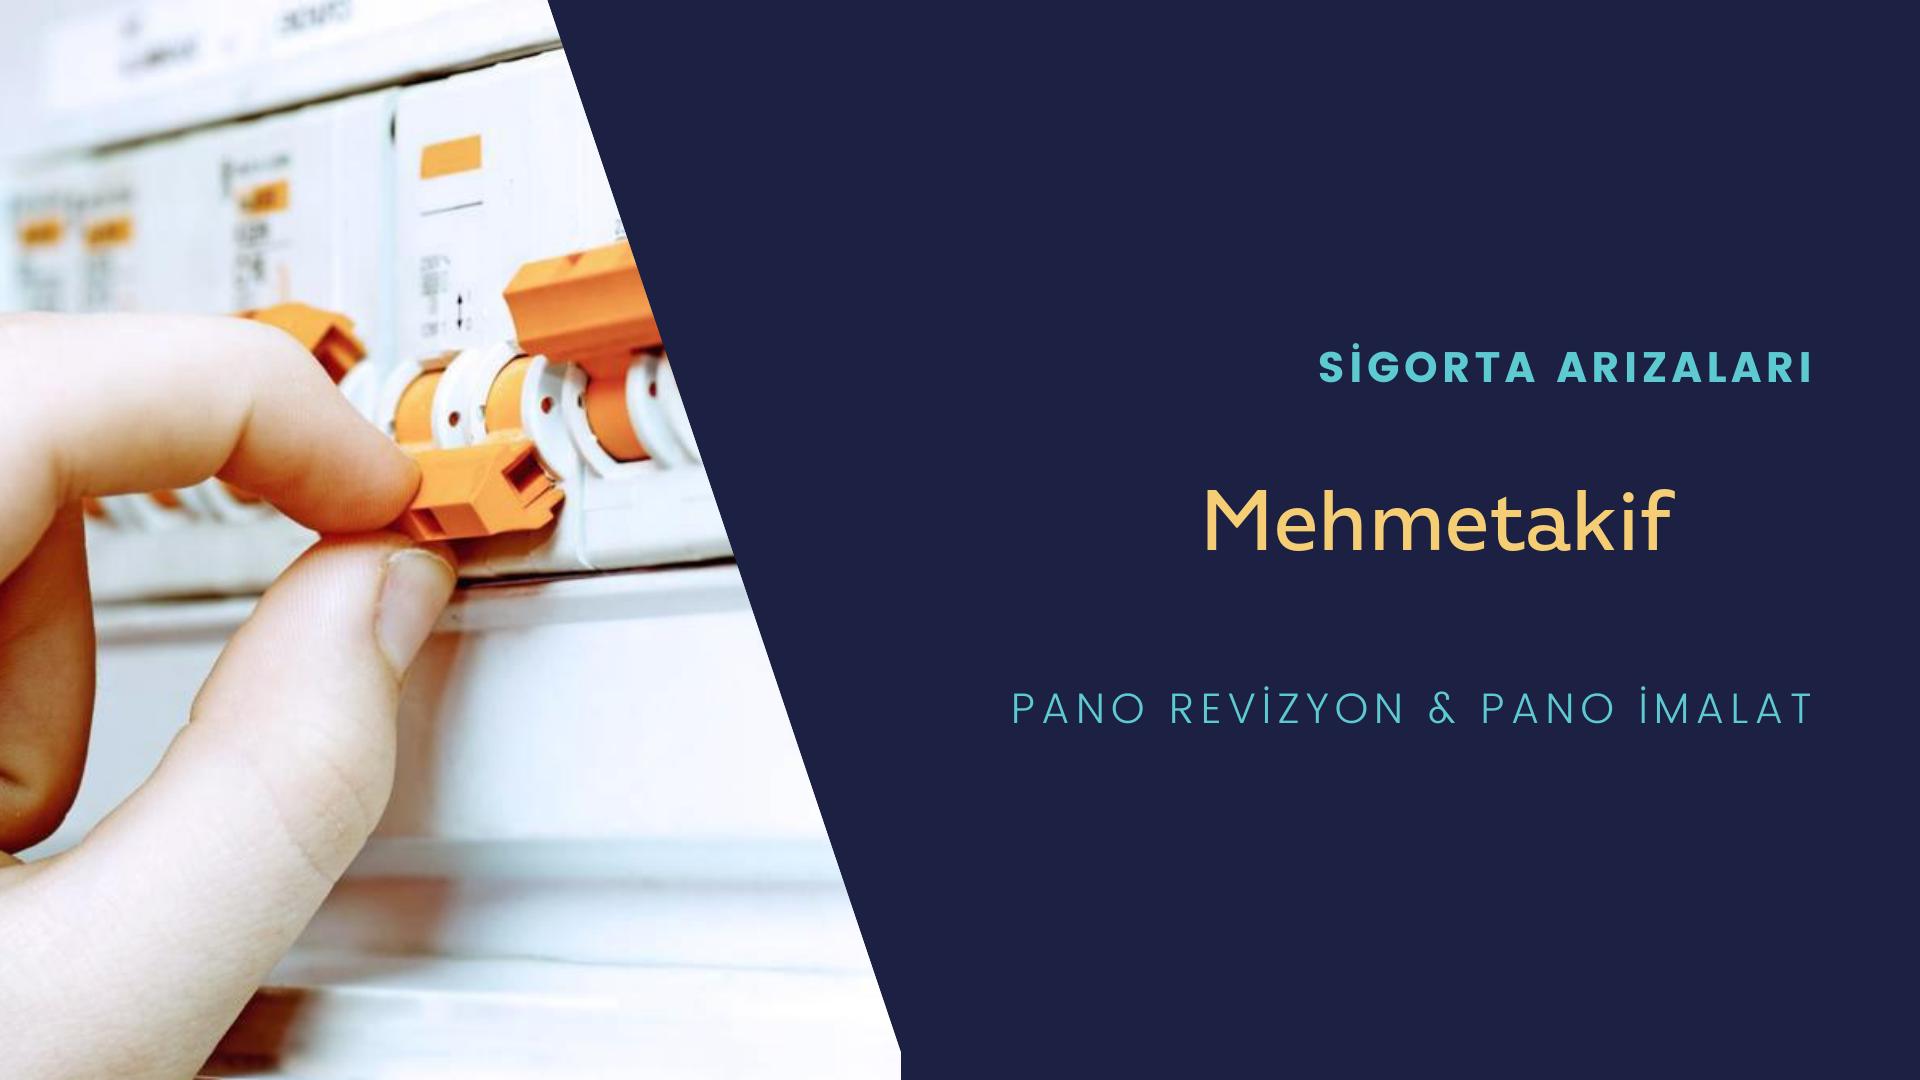 Mehmetakif  Sigorta Arızaları İçin Profesyonel Elektrikçi ustalarımızı dilediğiniz zaman arayabilir talepte bulunabilirsiniz.